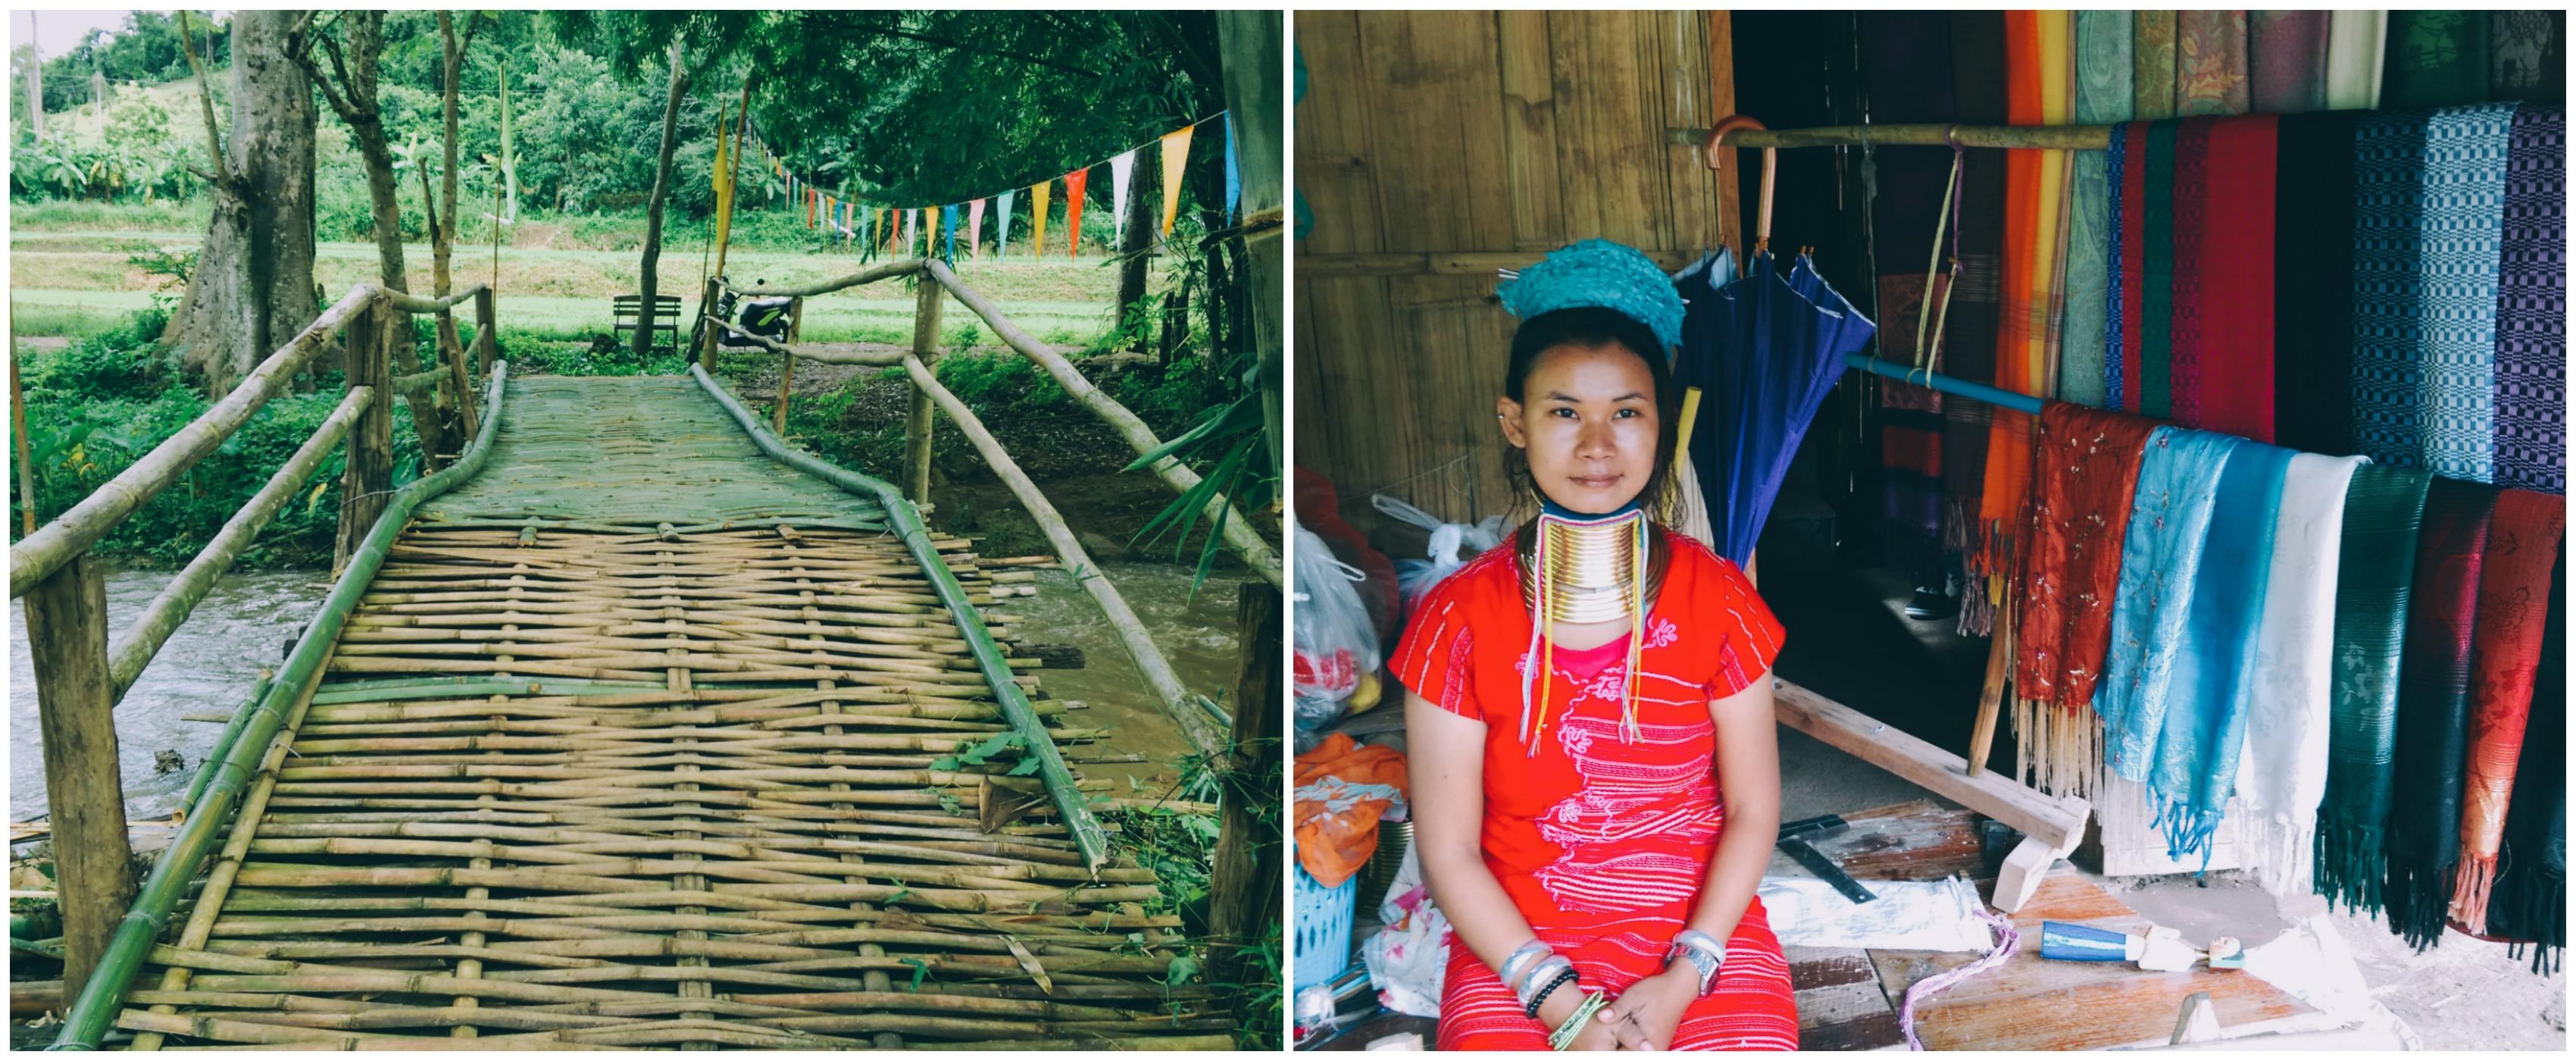 travel pai mhong village